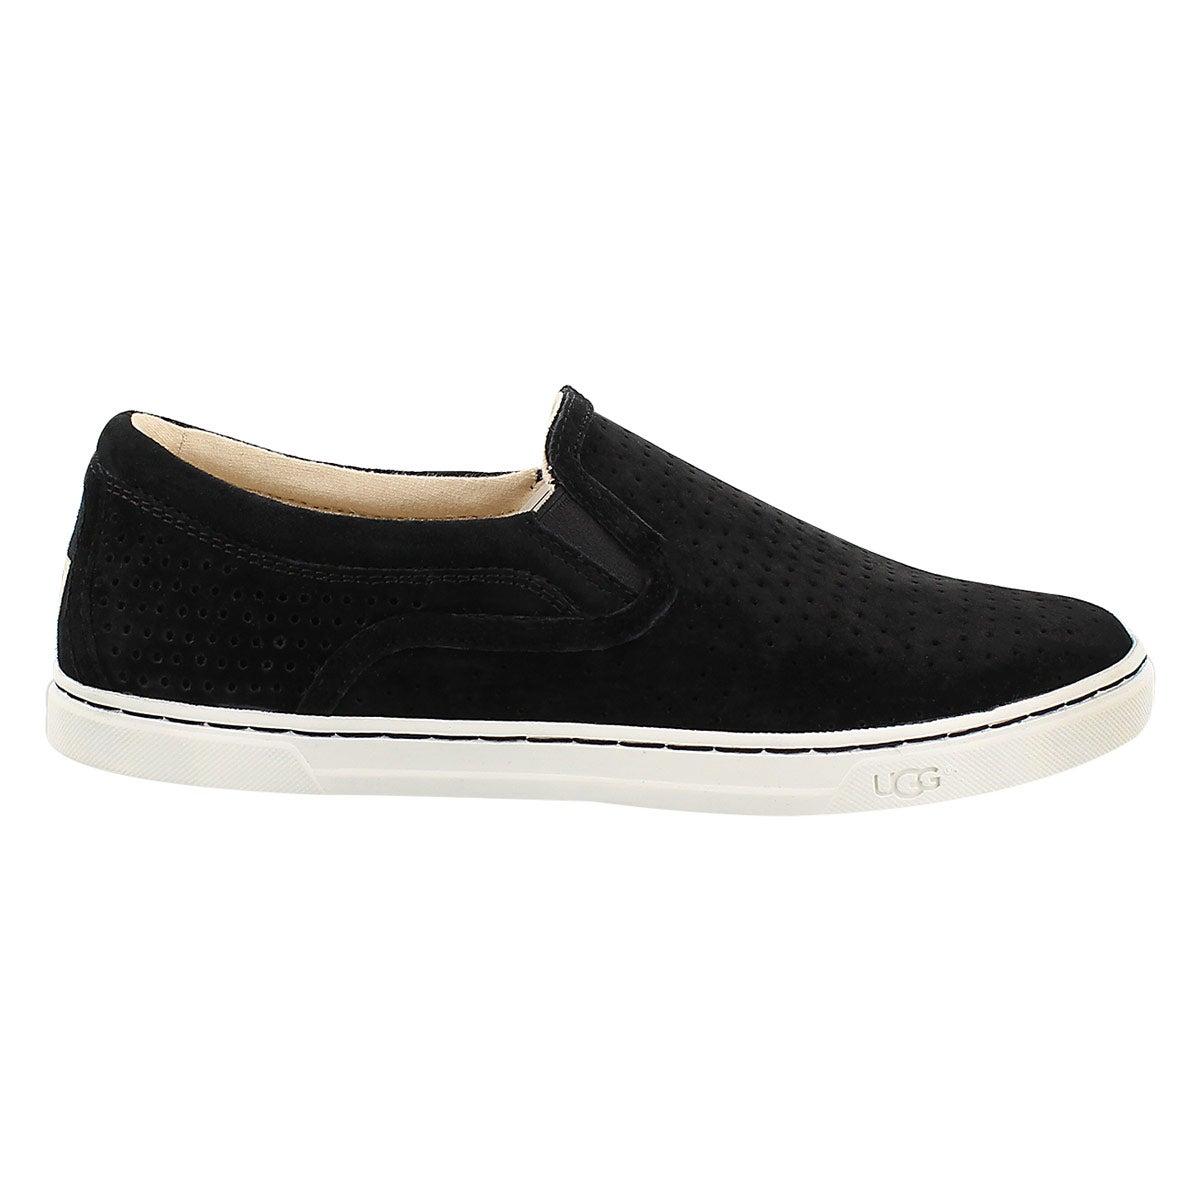 Lds Fierce Geo Perf blk slip on shoe